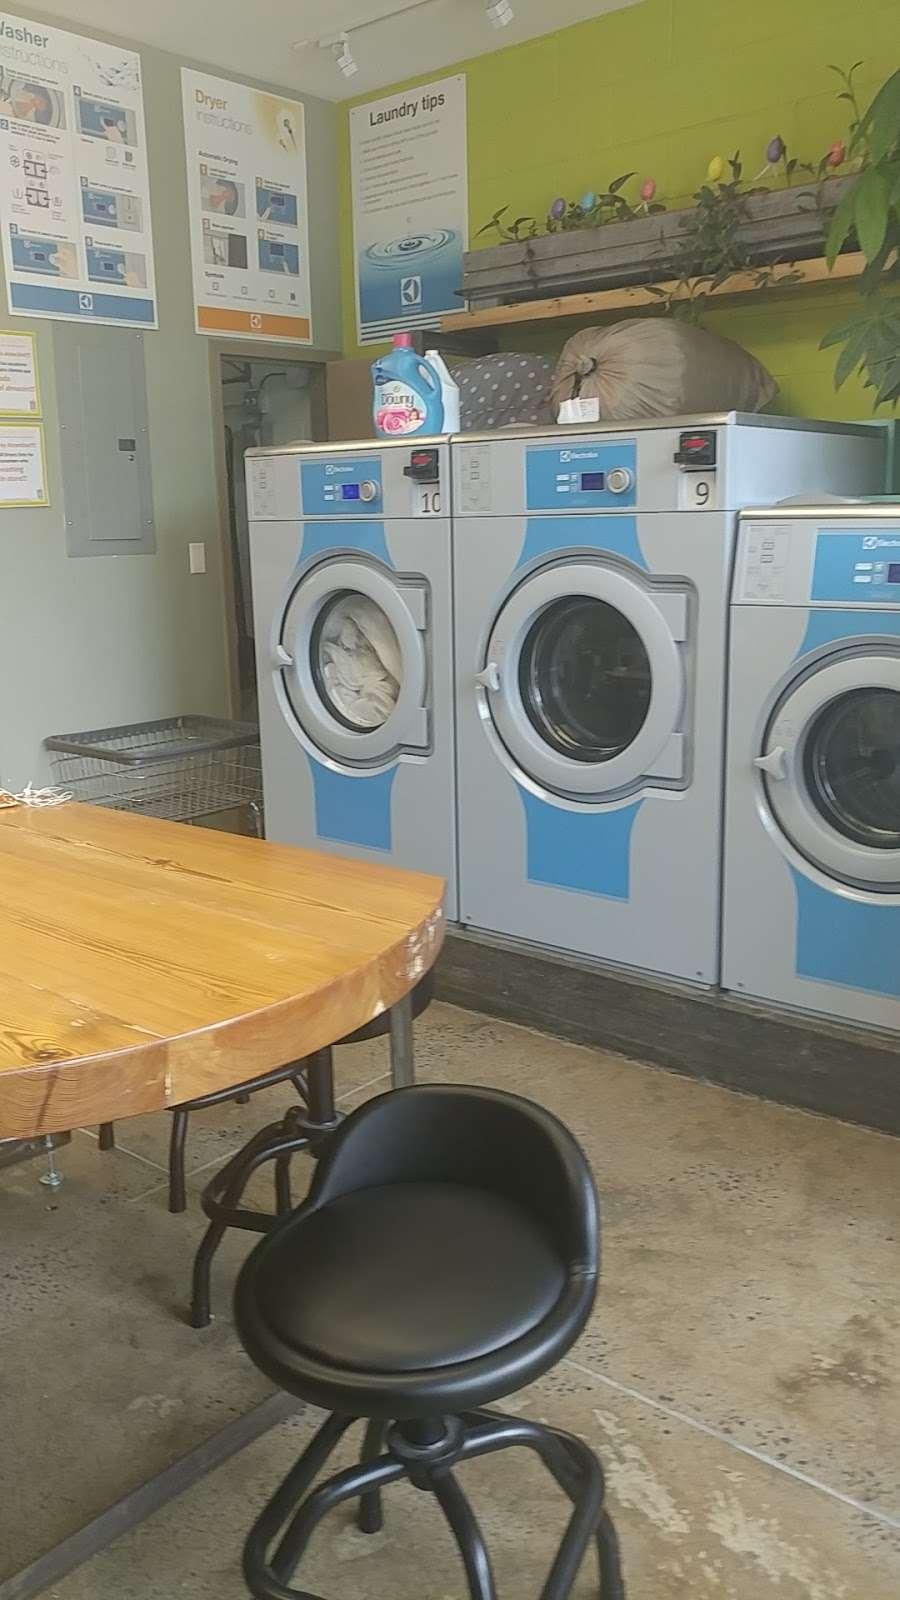 Lemon Laundry - laundry  | Photo 8 of 10 | Address: 60-11 39th Ave, Woodside, NY 11377, USA | Phone: (917) 832-7407